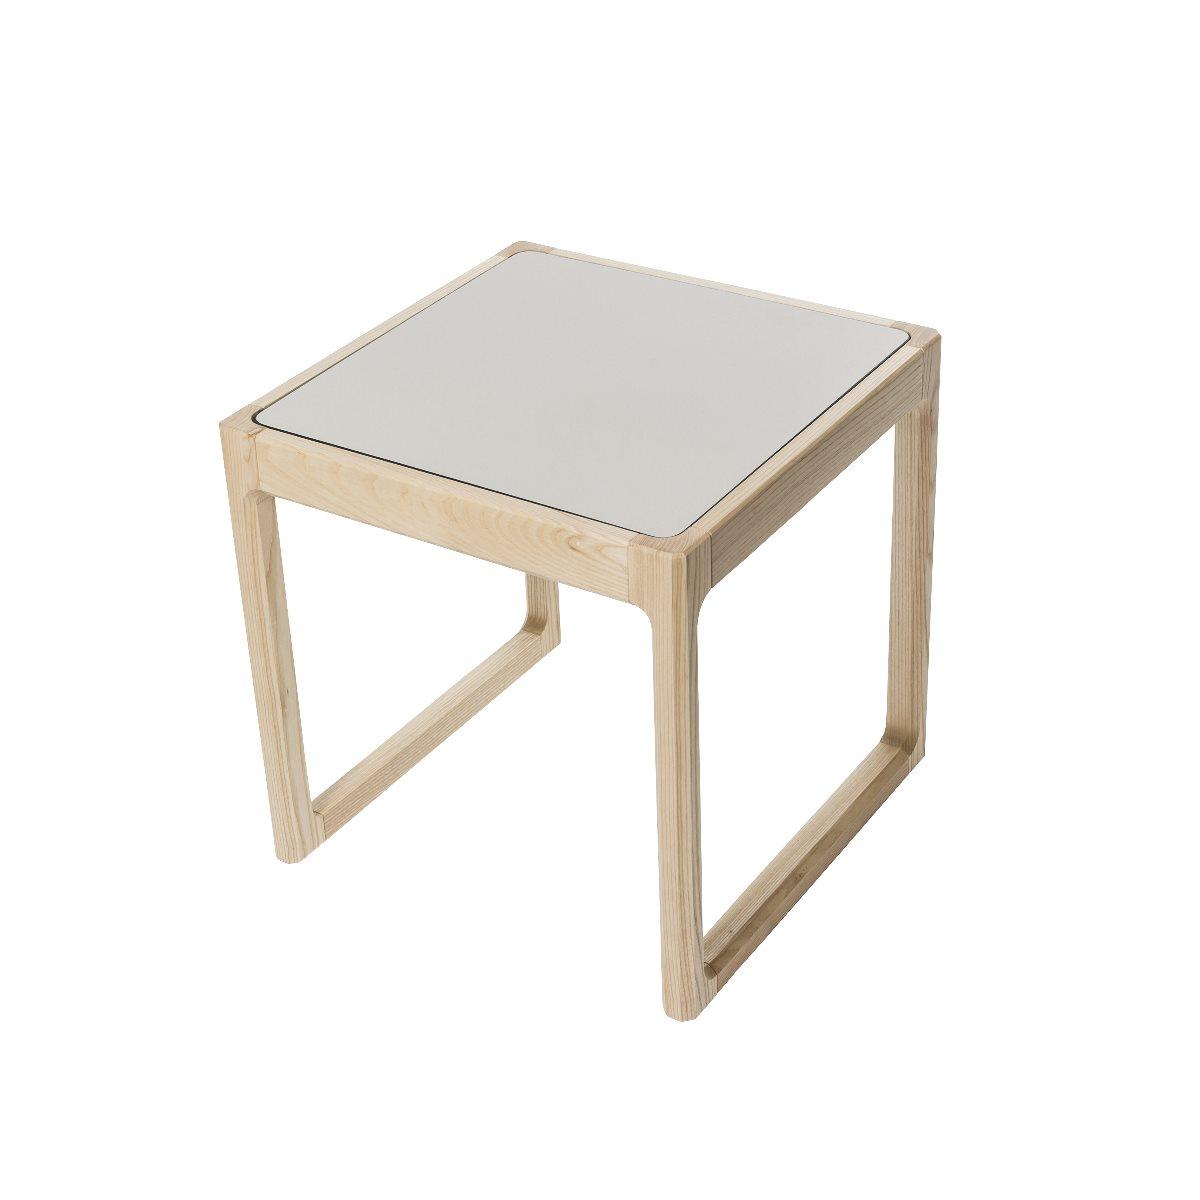 Flip Top bord turkos/ ljusgrå, Sebra Interiör